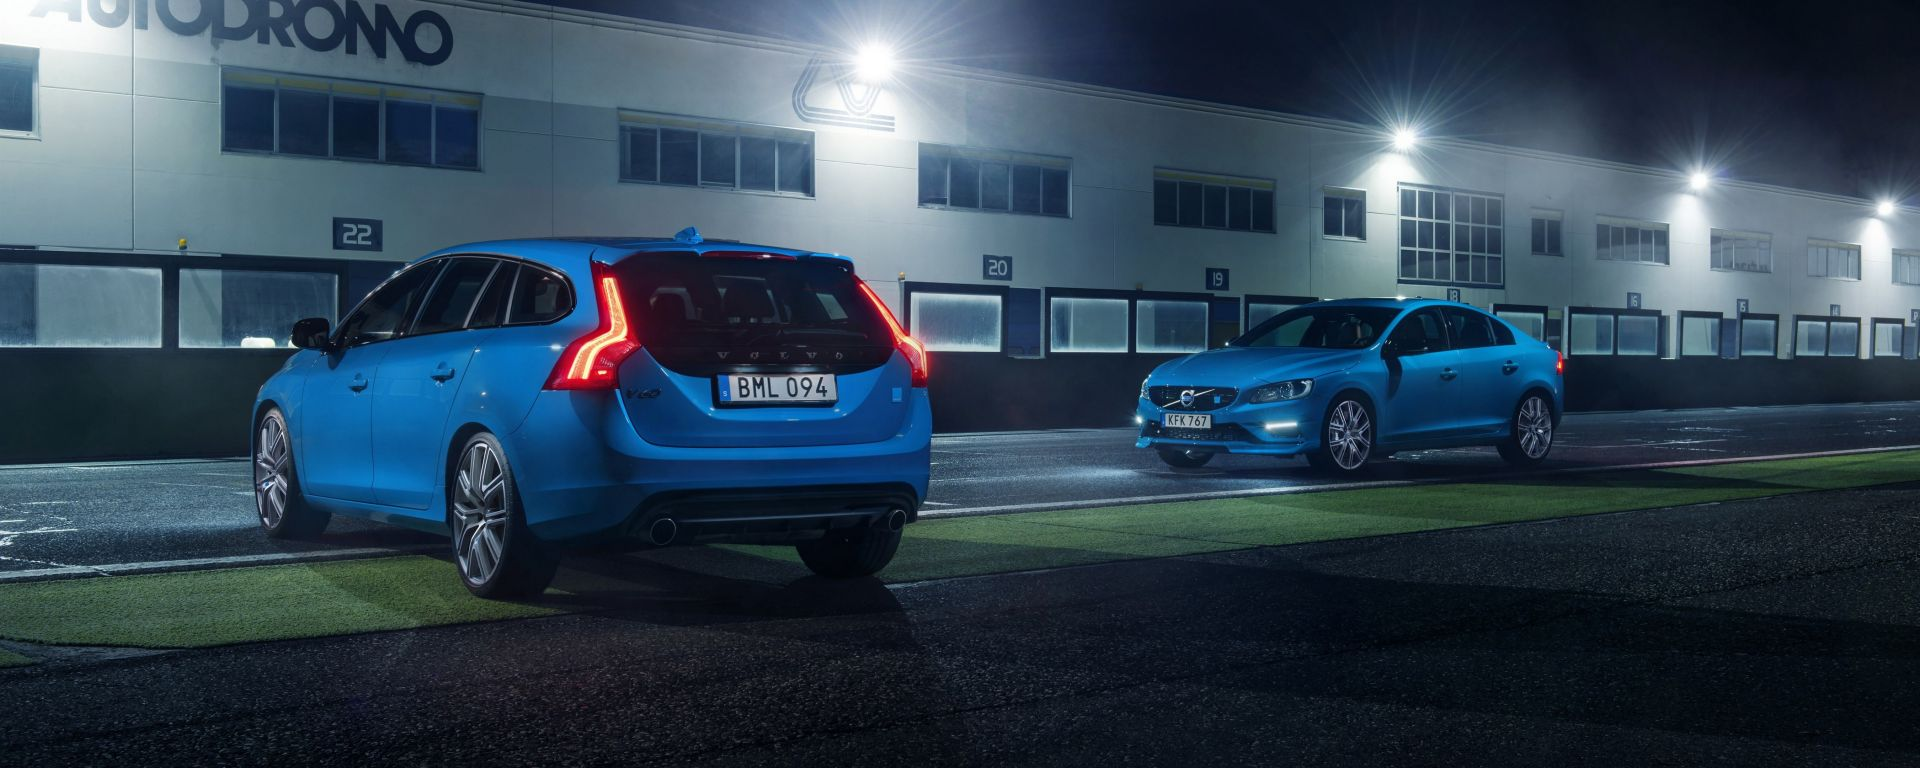 Volvo Polestar per auto elettriche ad alte prestazioni